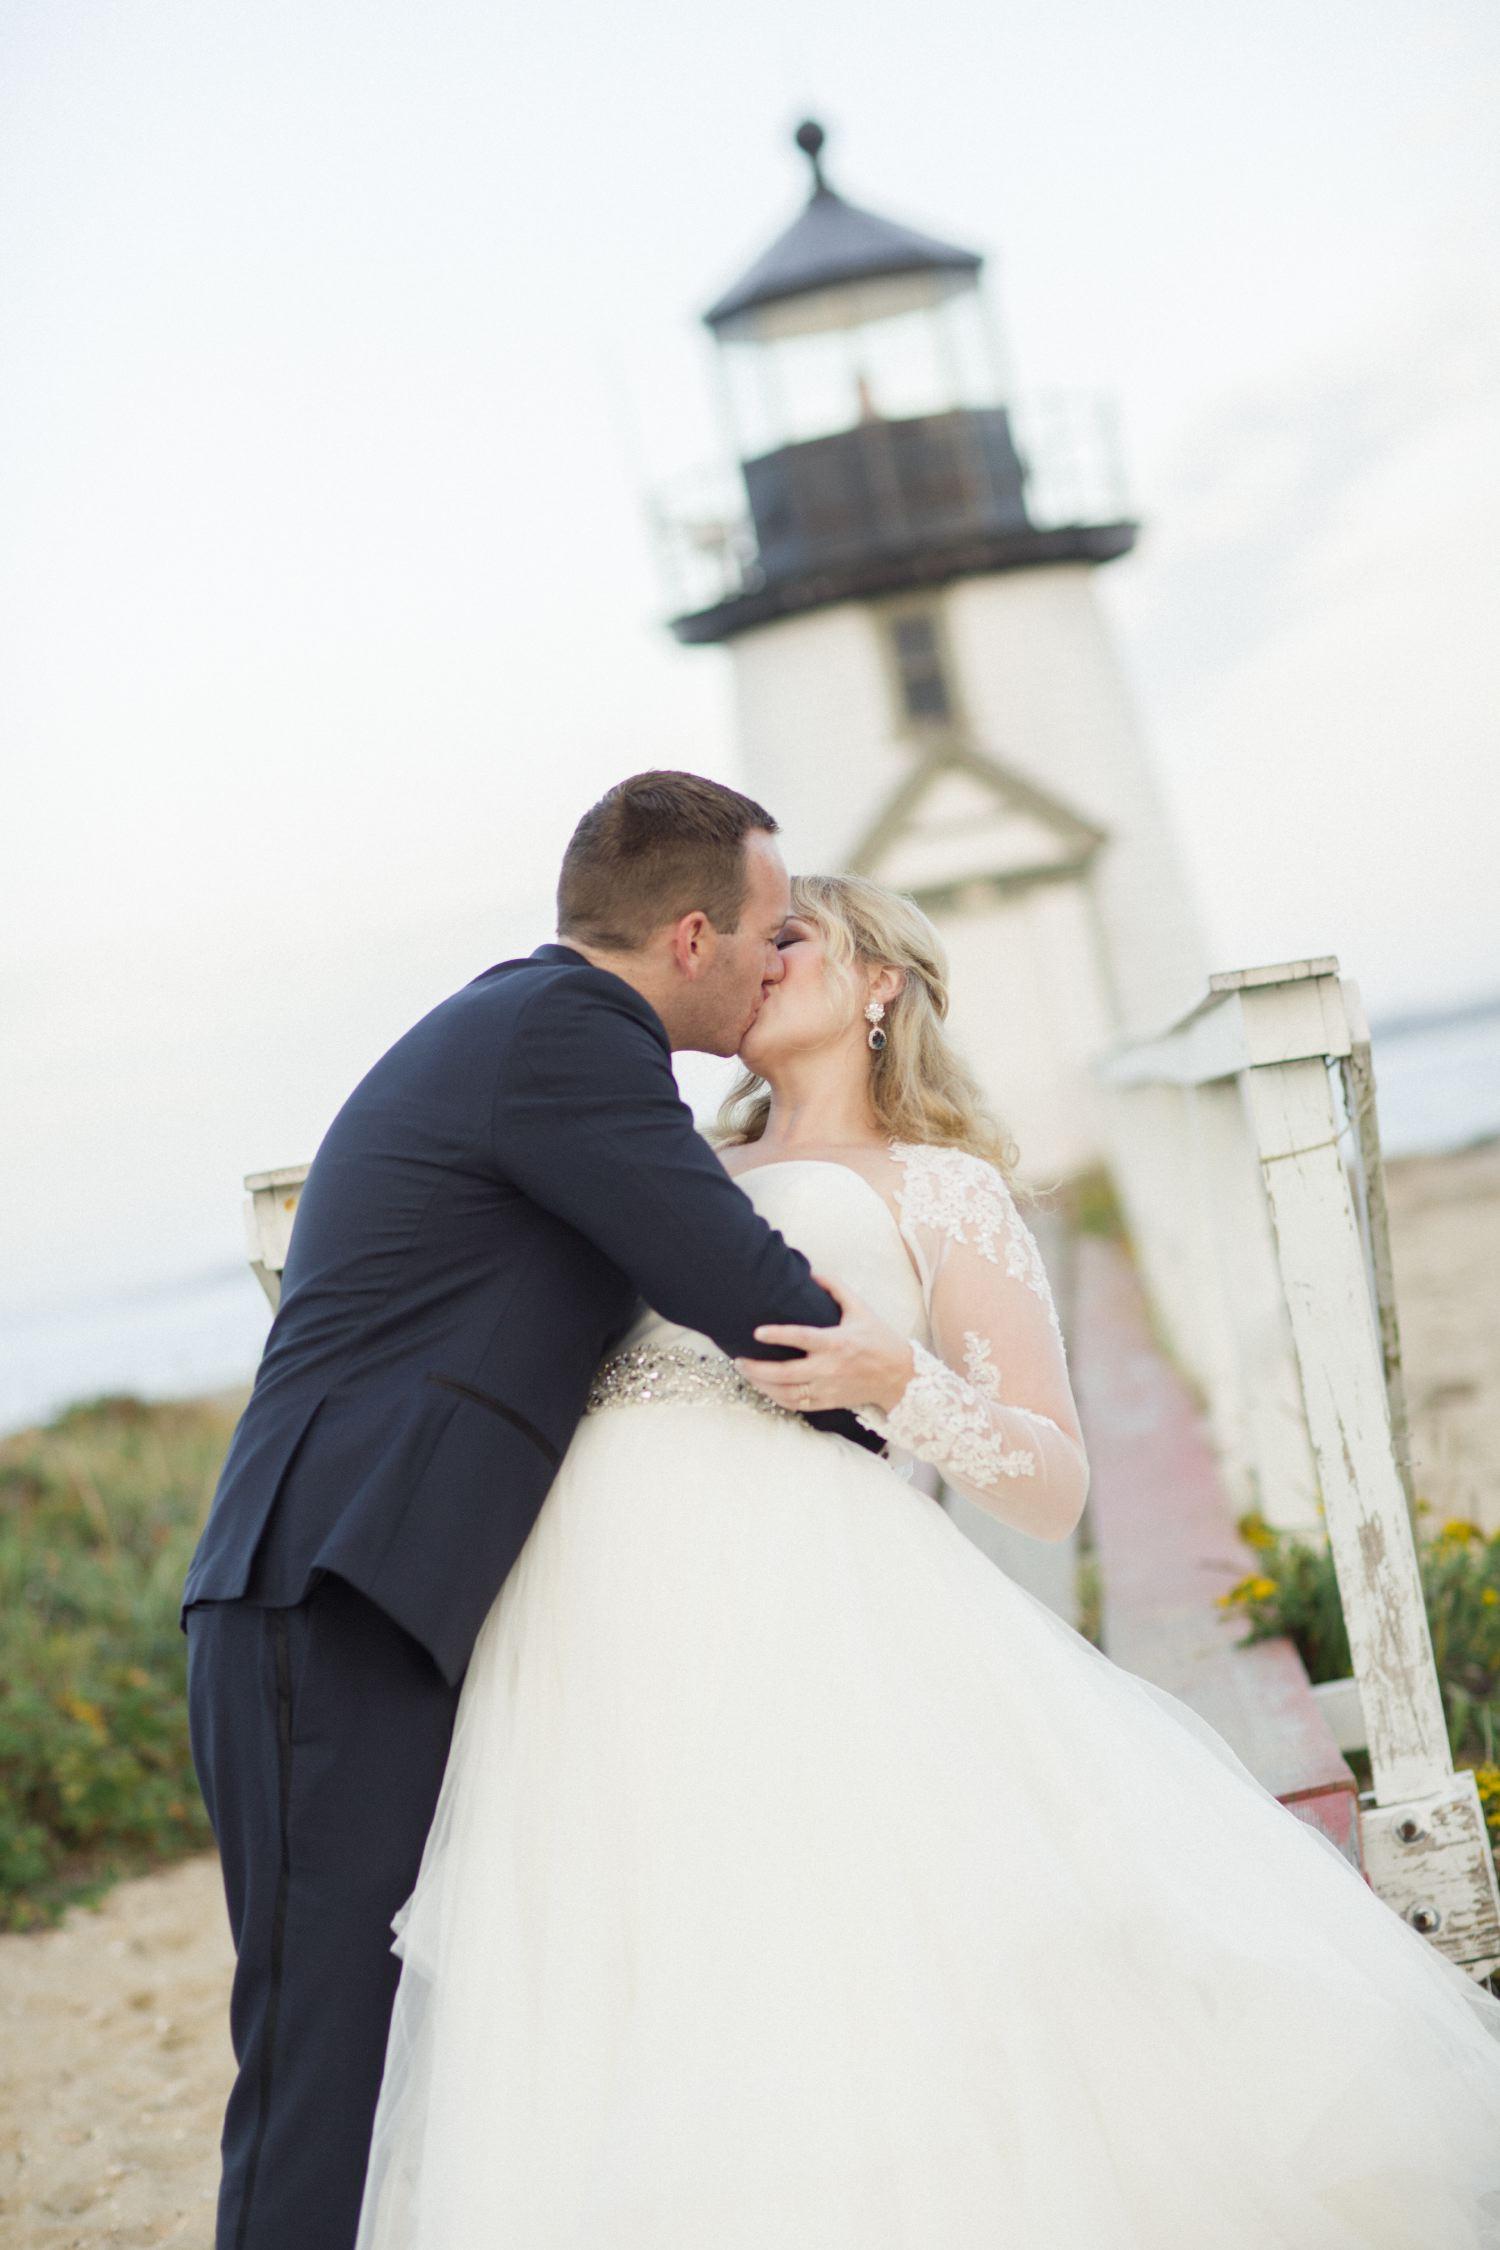 Ellie + Mike Nantucket Wedding | 066.JPG